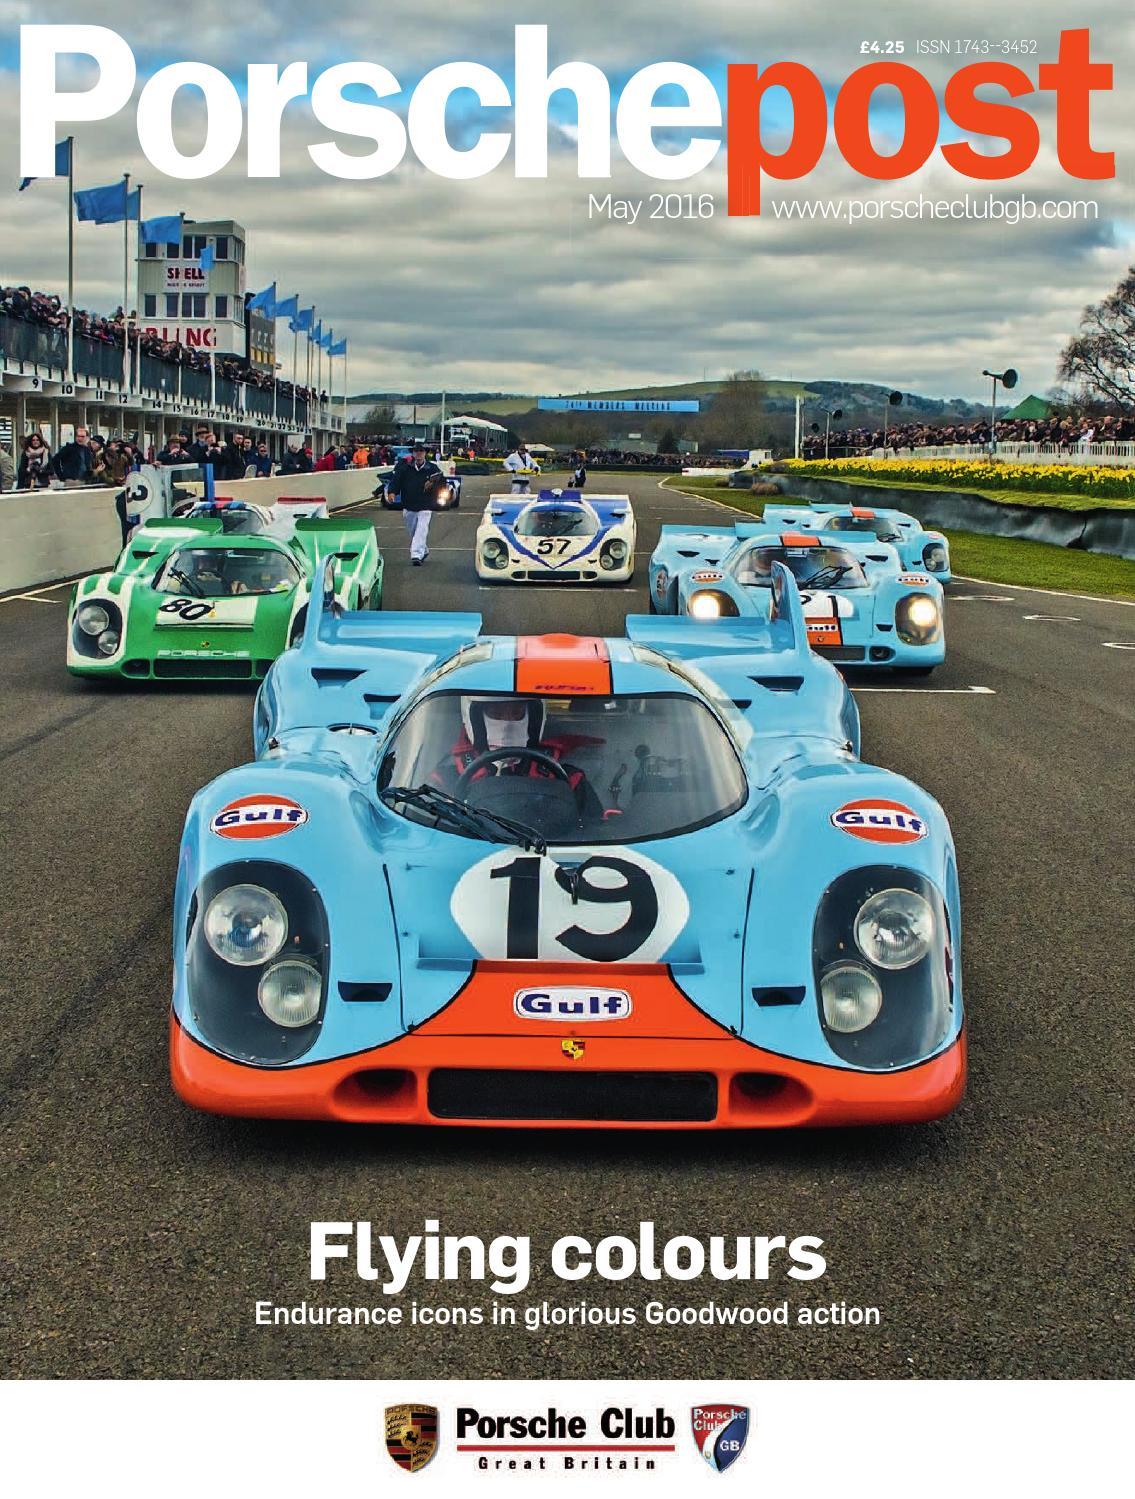 f362abaffc53 Porsche Post May 2016 by Porsche Club Great Britain - issuu